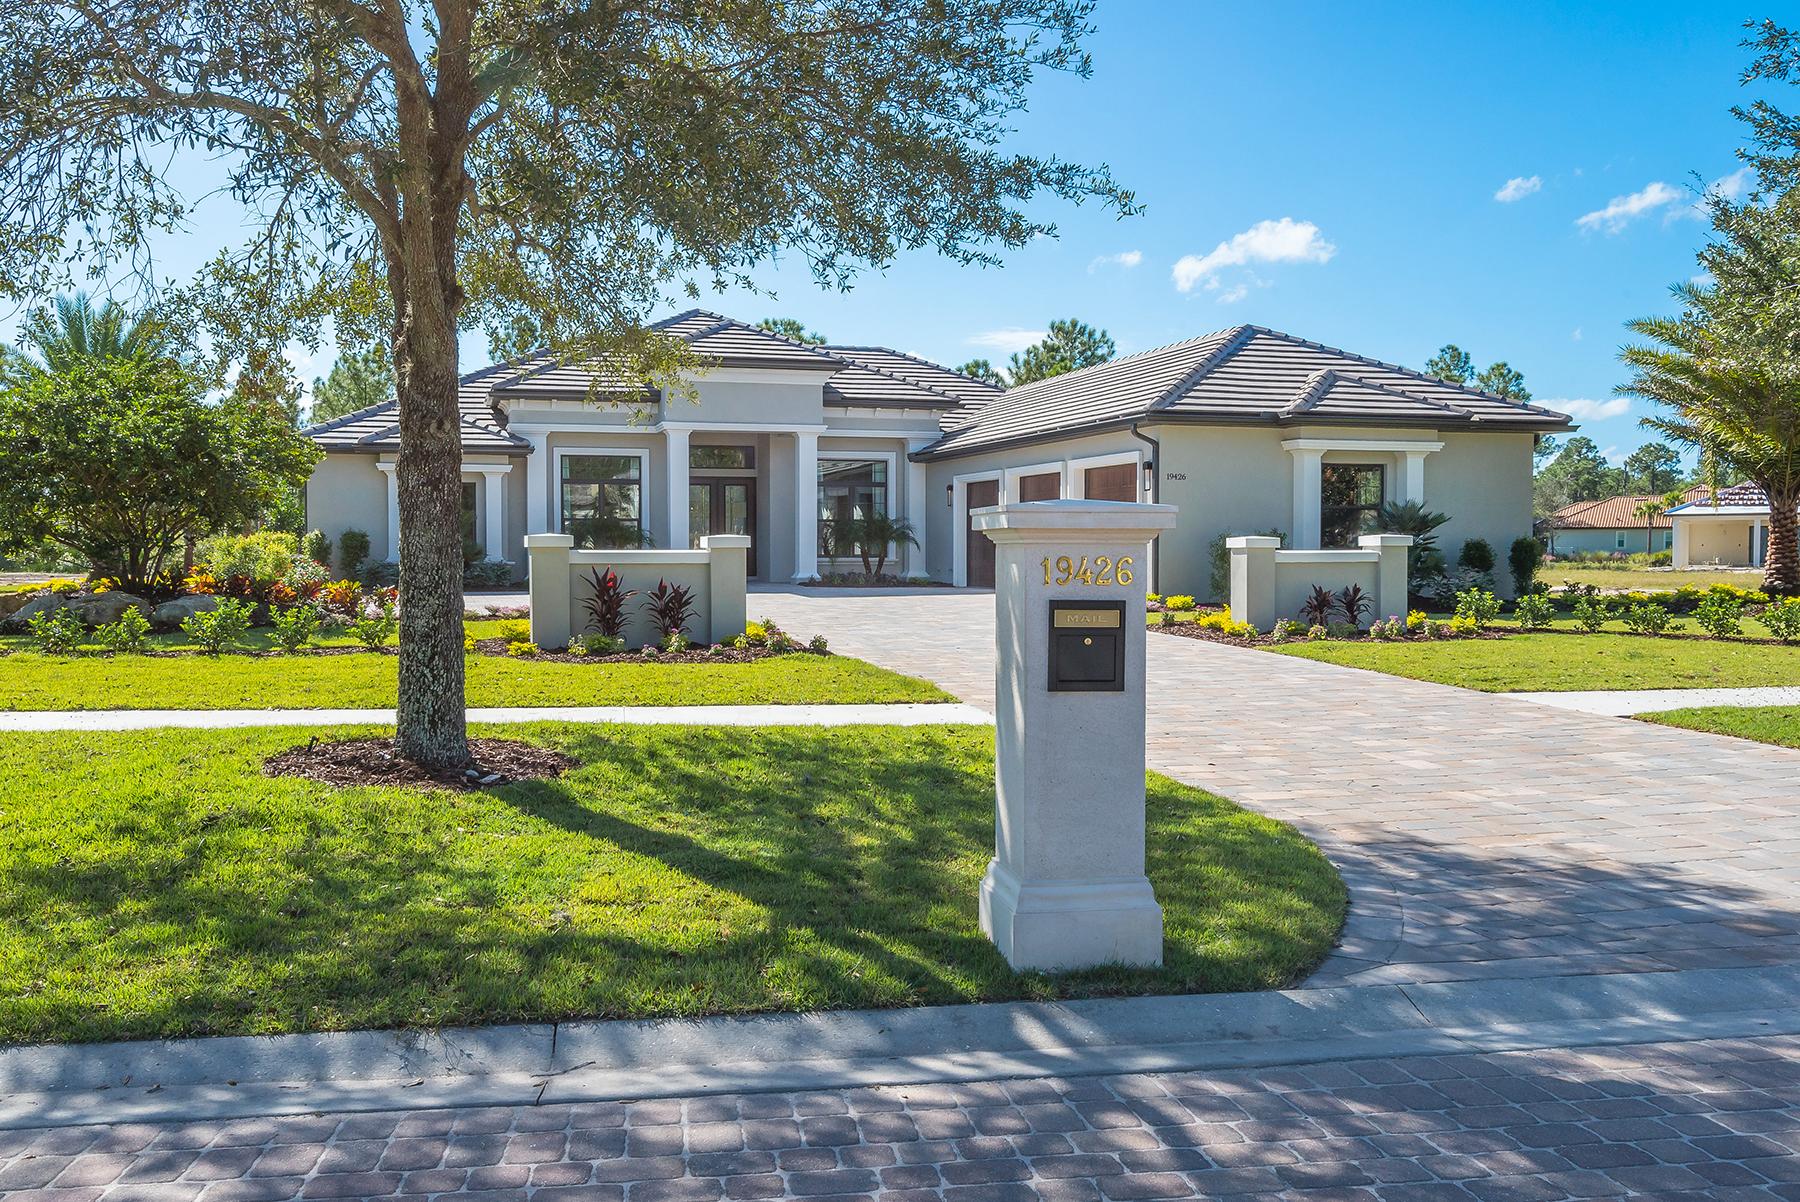 Vivienda unifamiliar por un Venta en THE CONCESSION 19426 Beacon Park Pl Bradenton, Florida, 34202 Estados Unidos